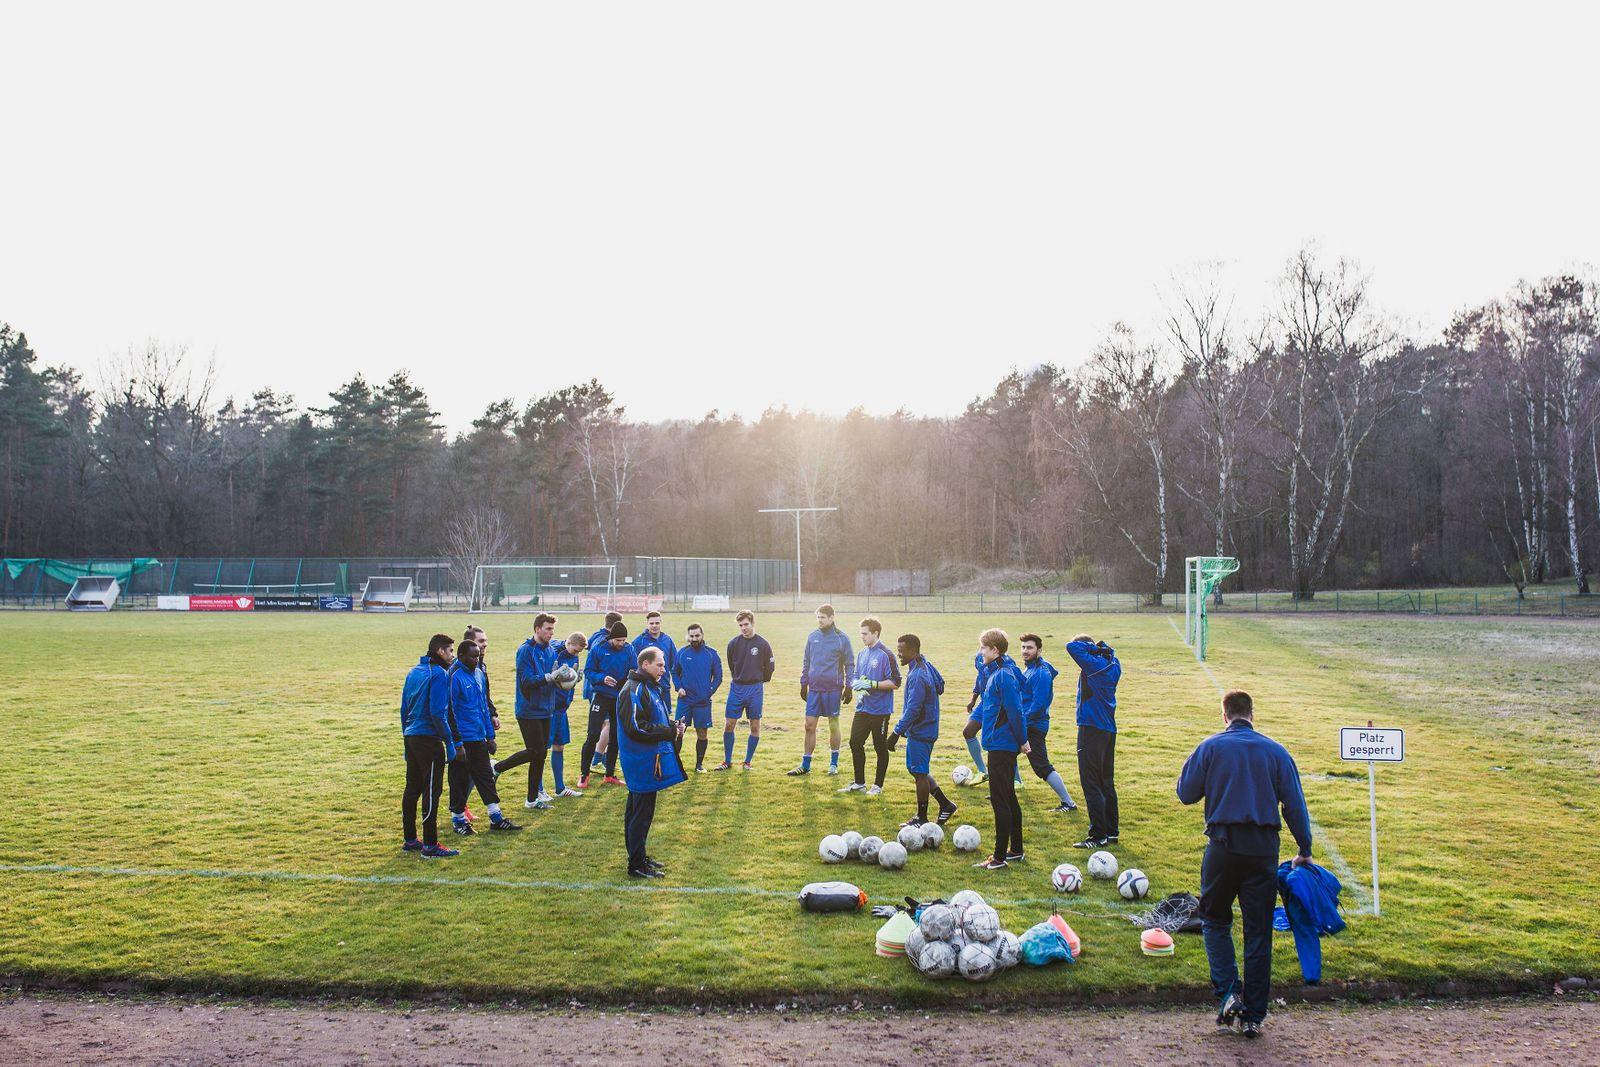 Berlin Deutschland 24 03 2016 Training des Fußball Landesligisten TuS Makkabi Berlin auf der Juli